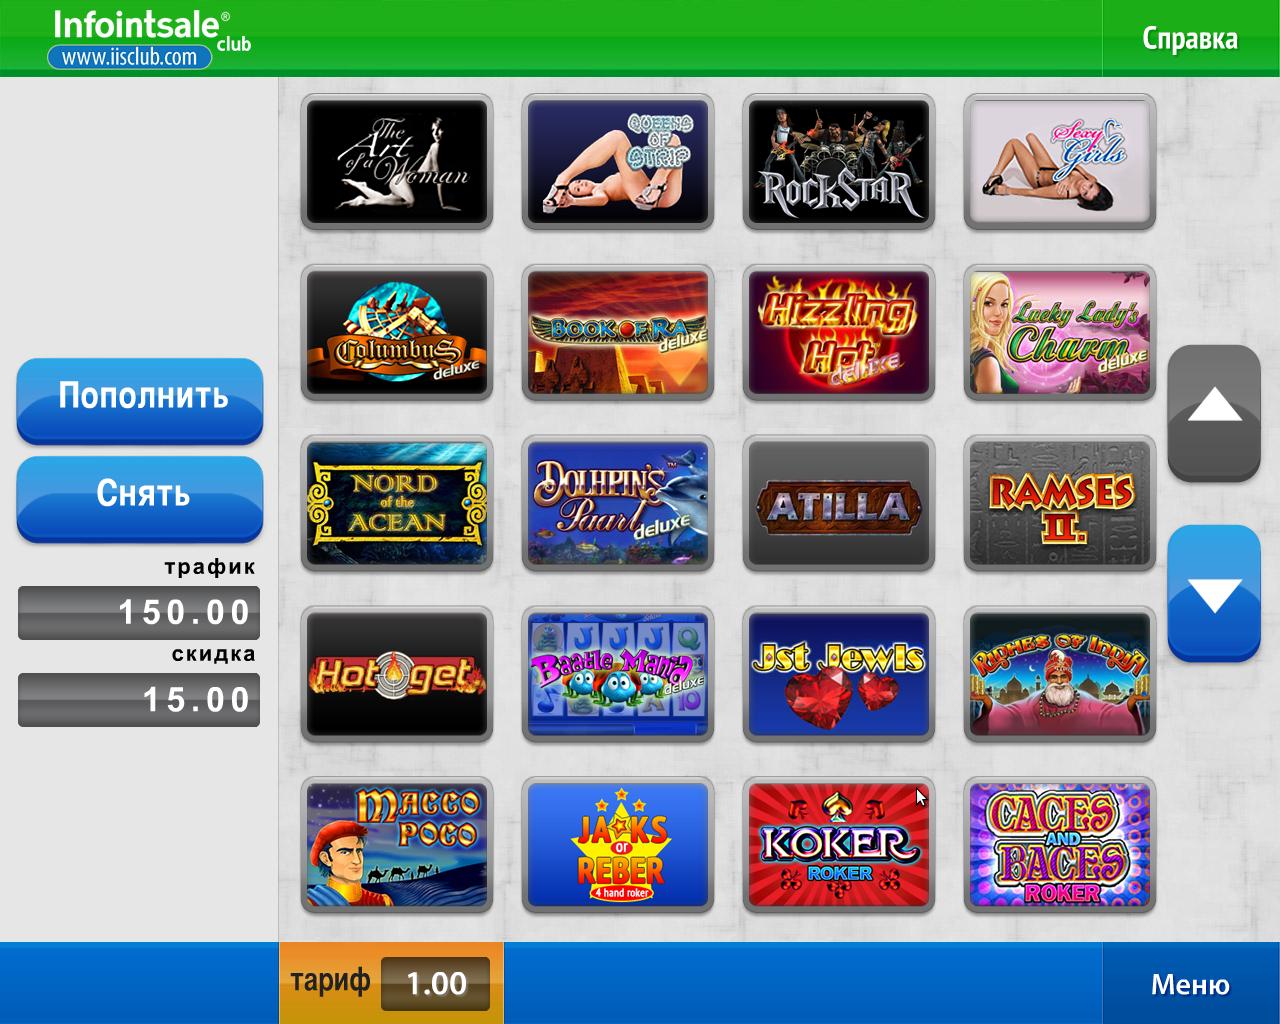 игровые автоматы infointsale